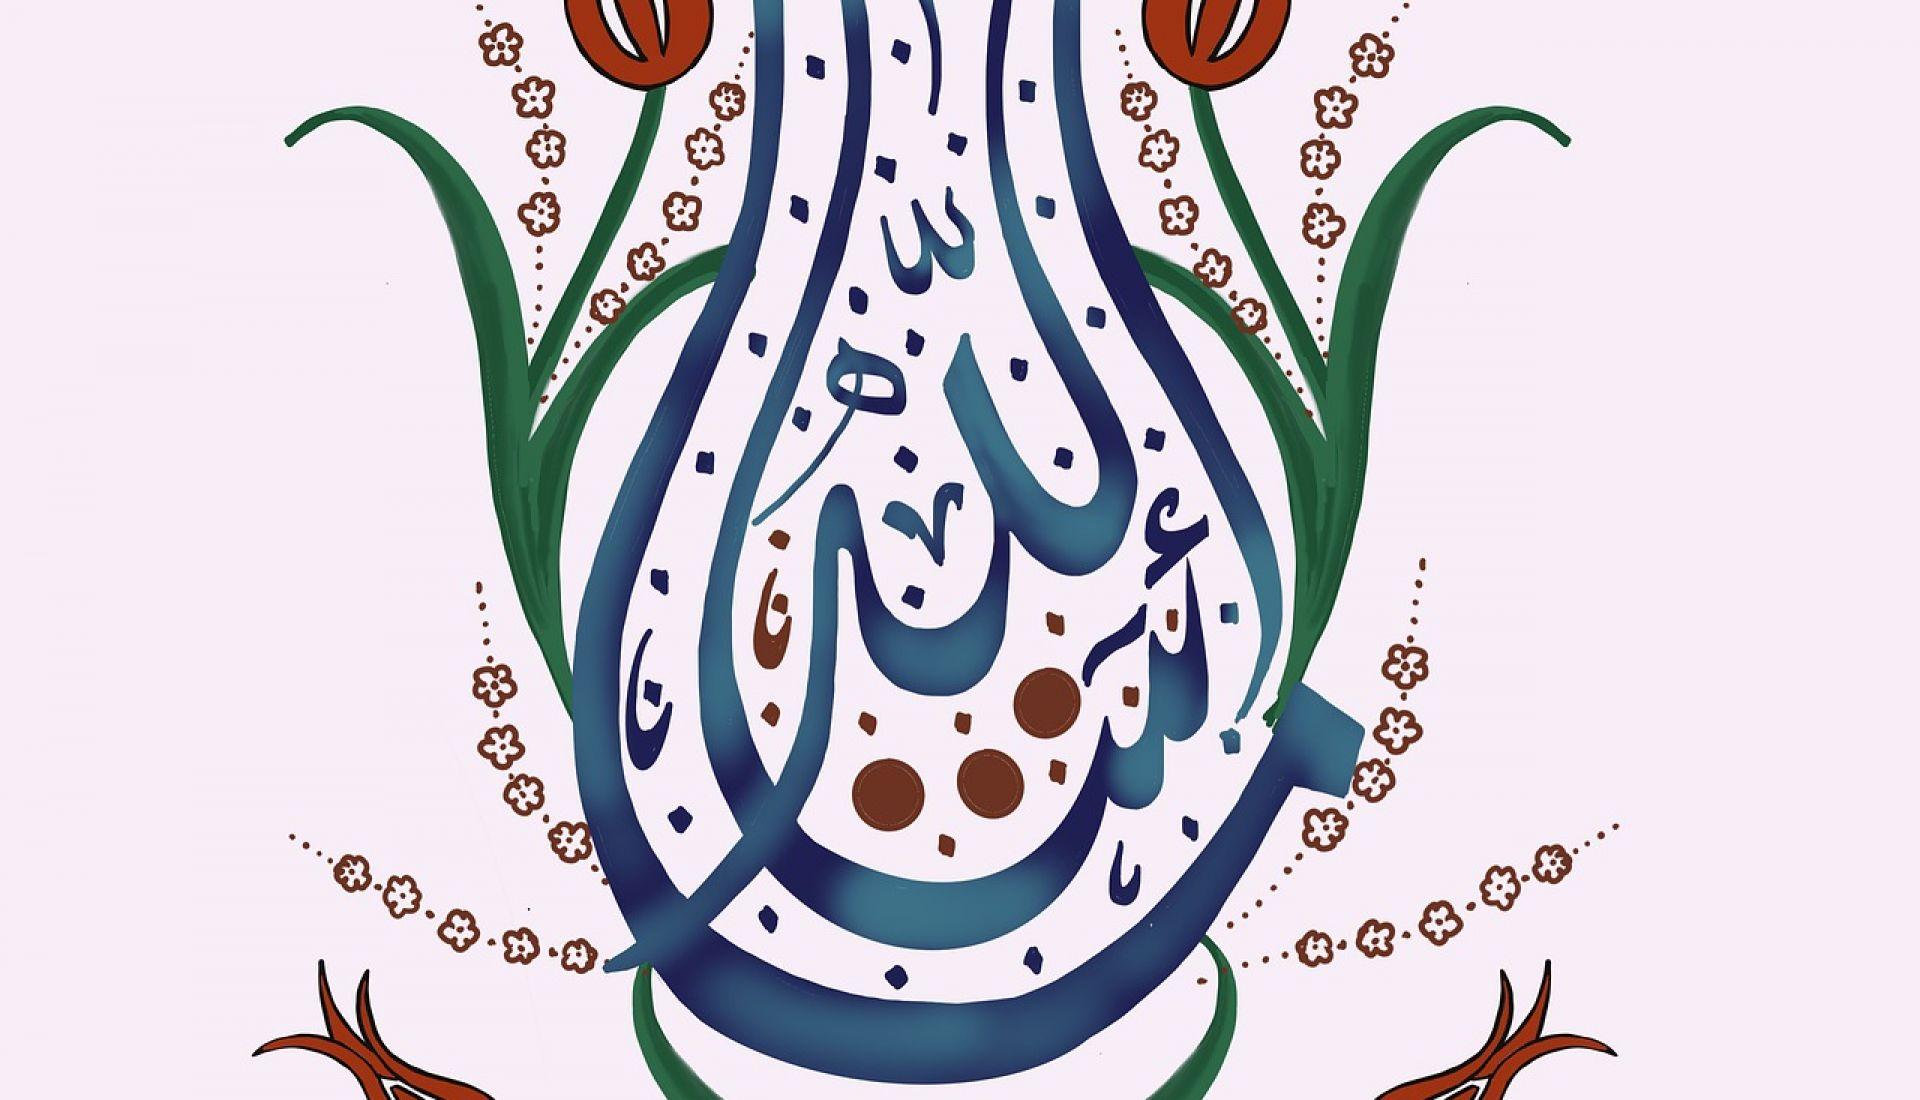 Les enluminures dans le monde islamique : persanes, ottomanes, mogholes